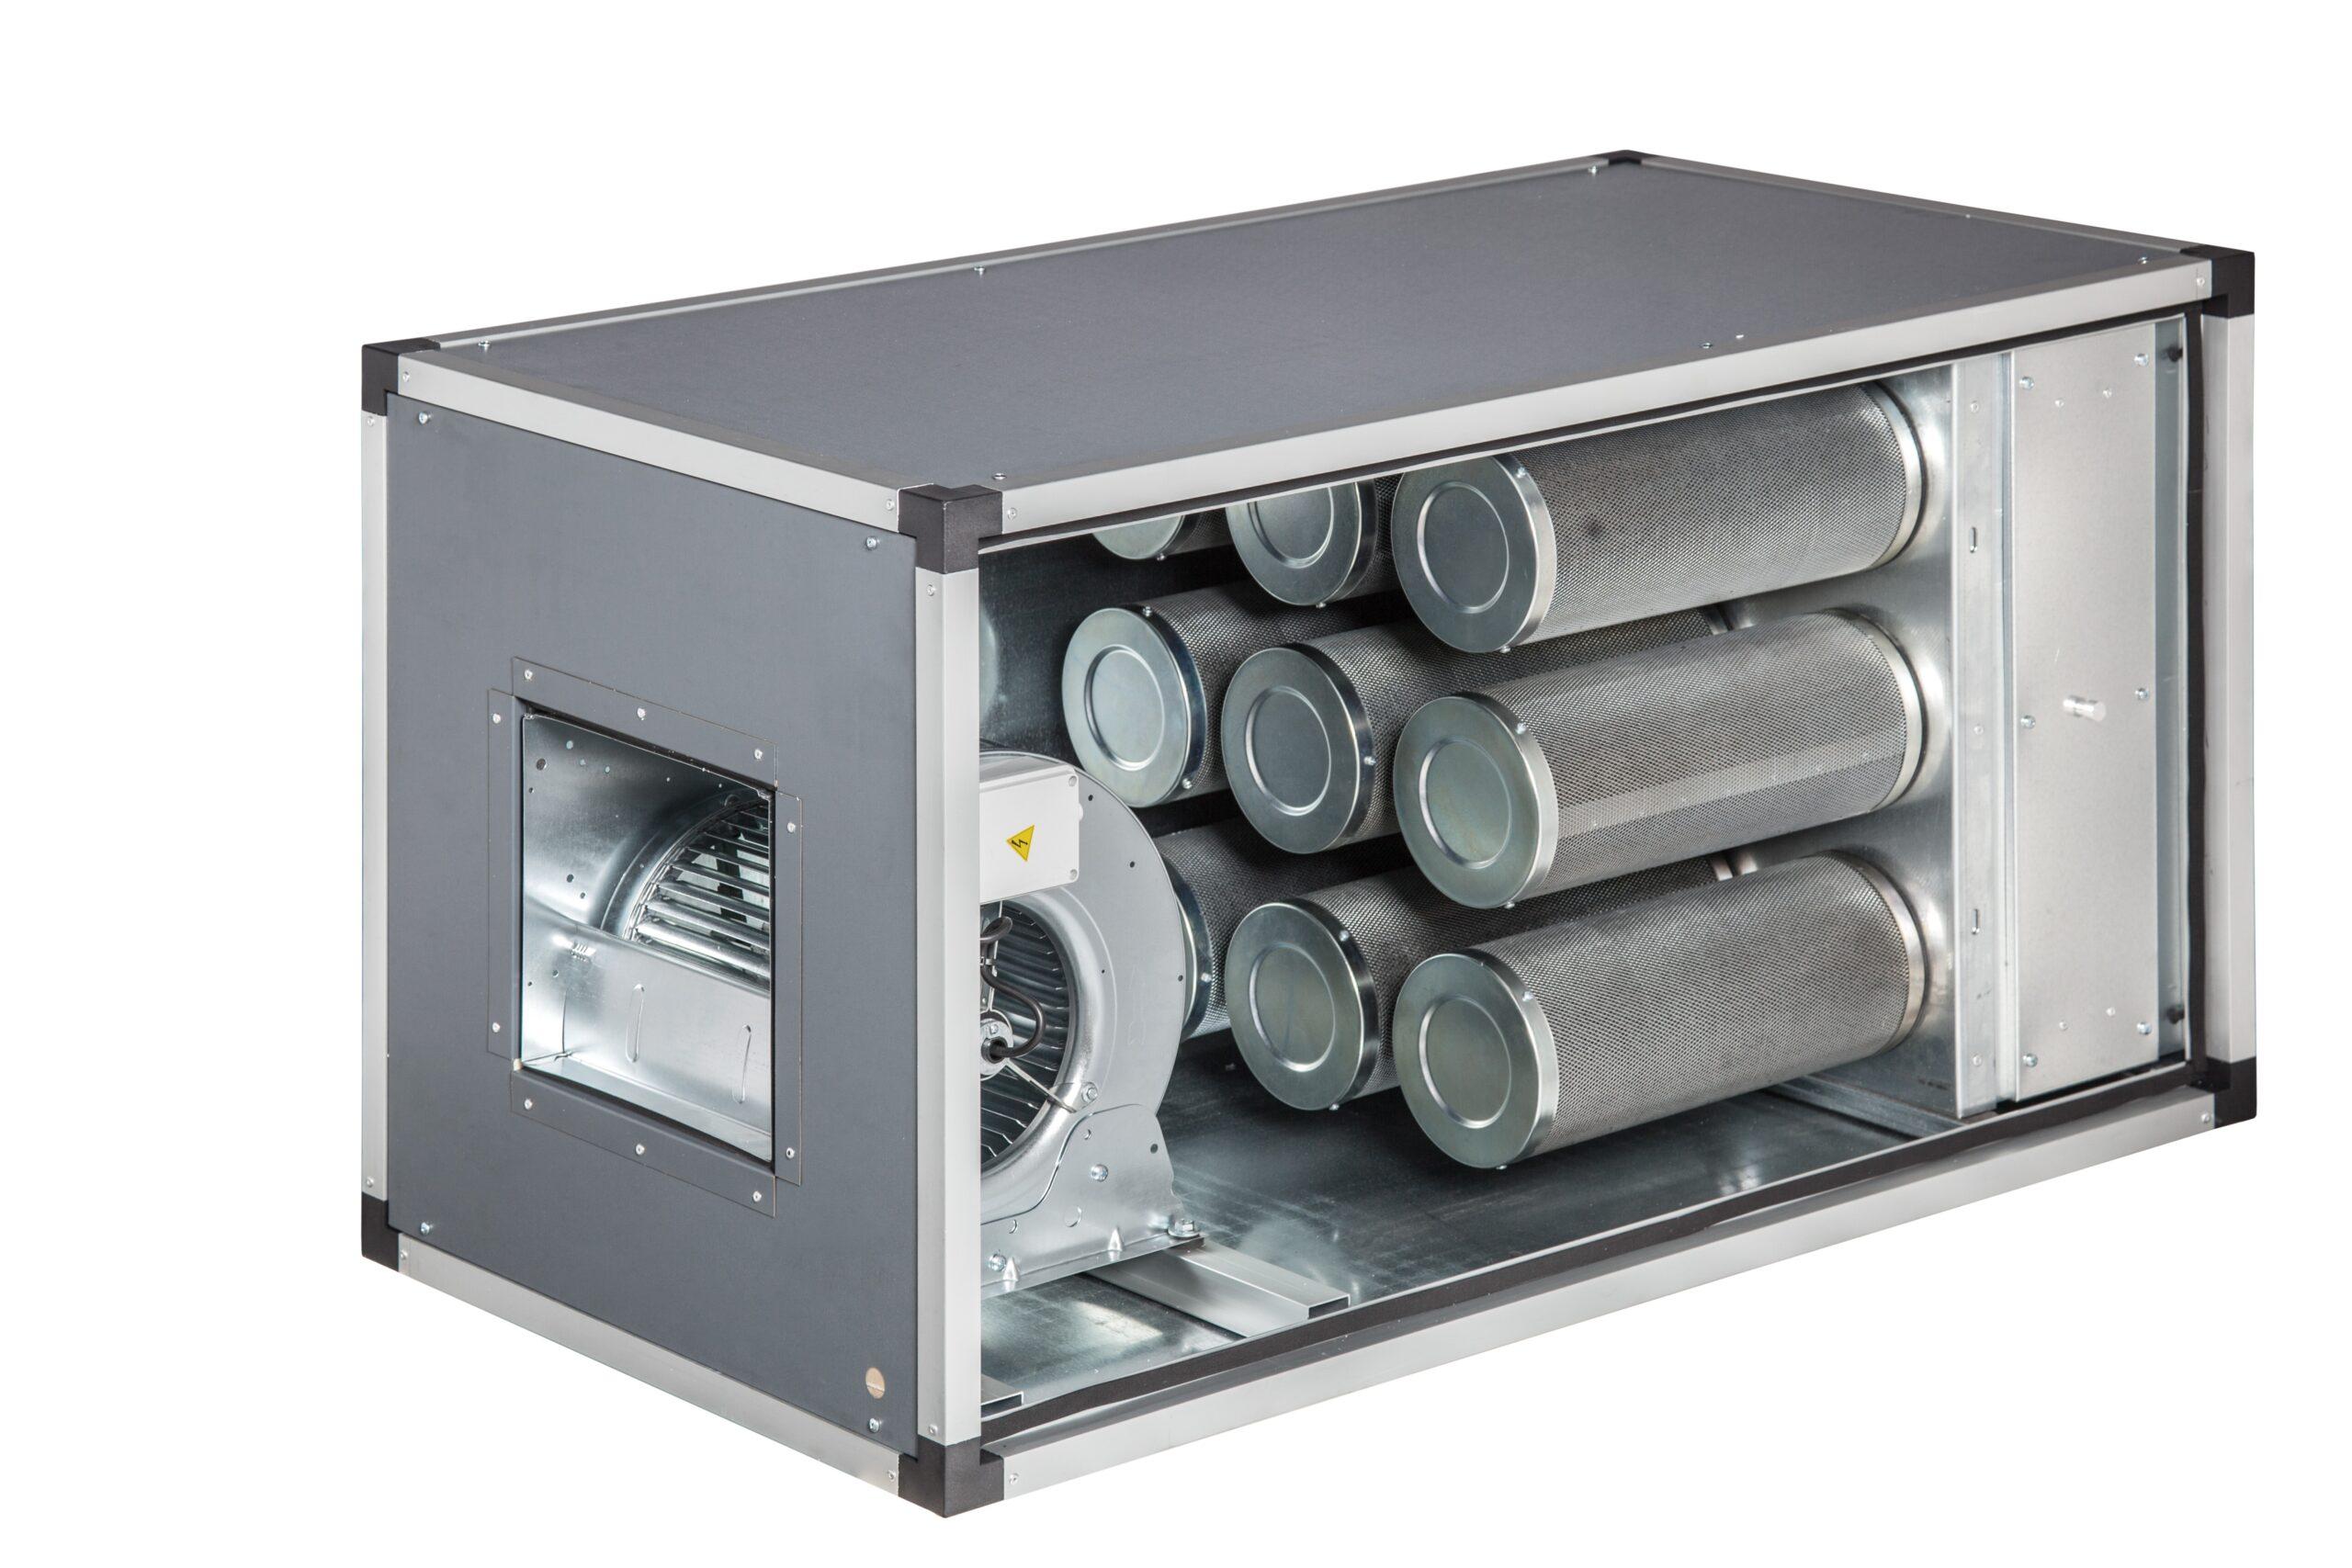 Full Size of Küchenabluft Abluftreinigungsanlage Mit Aktivkohlefilter Motor Wohnzimmer Küchenabluft